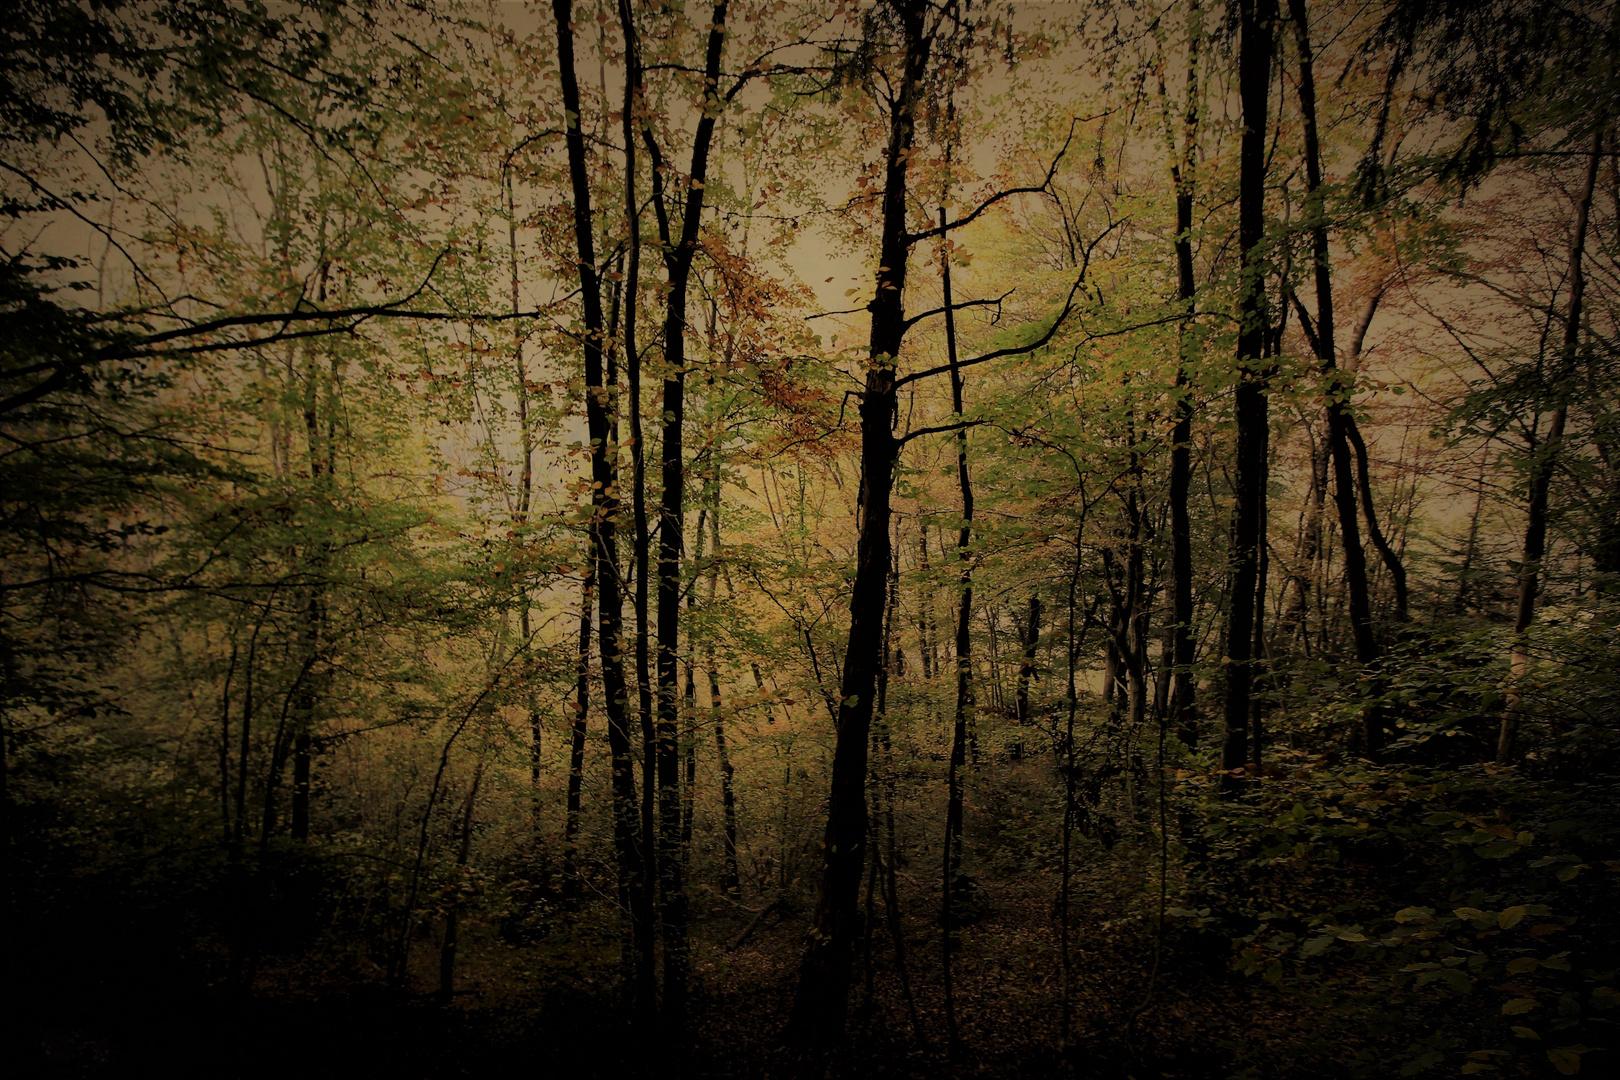 la foresta delle forme  mutanti